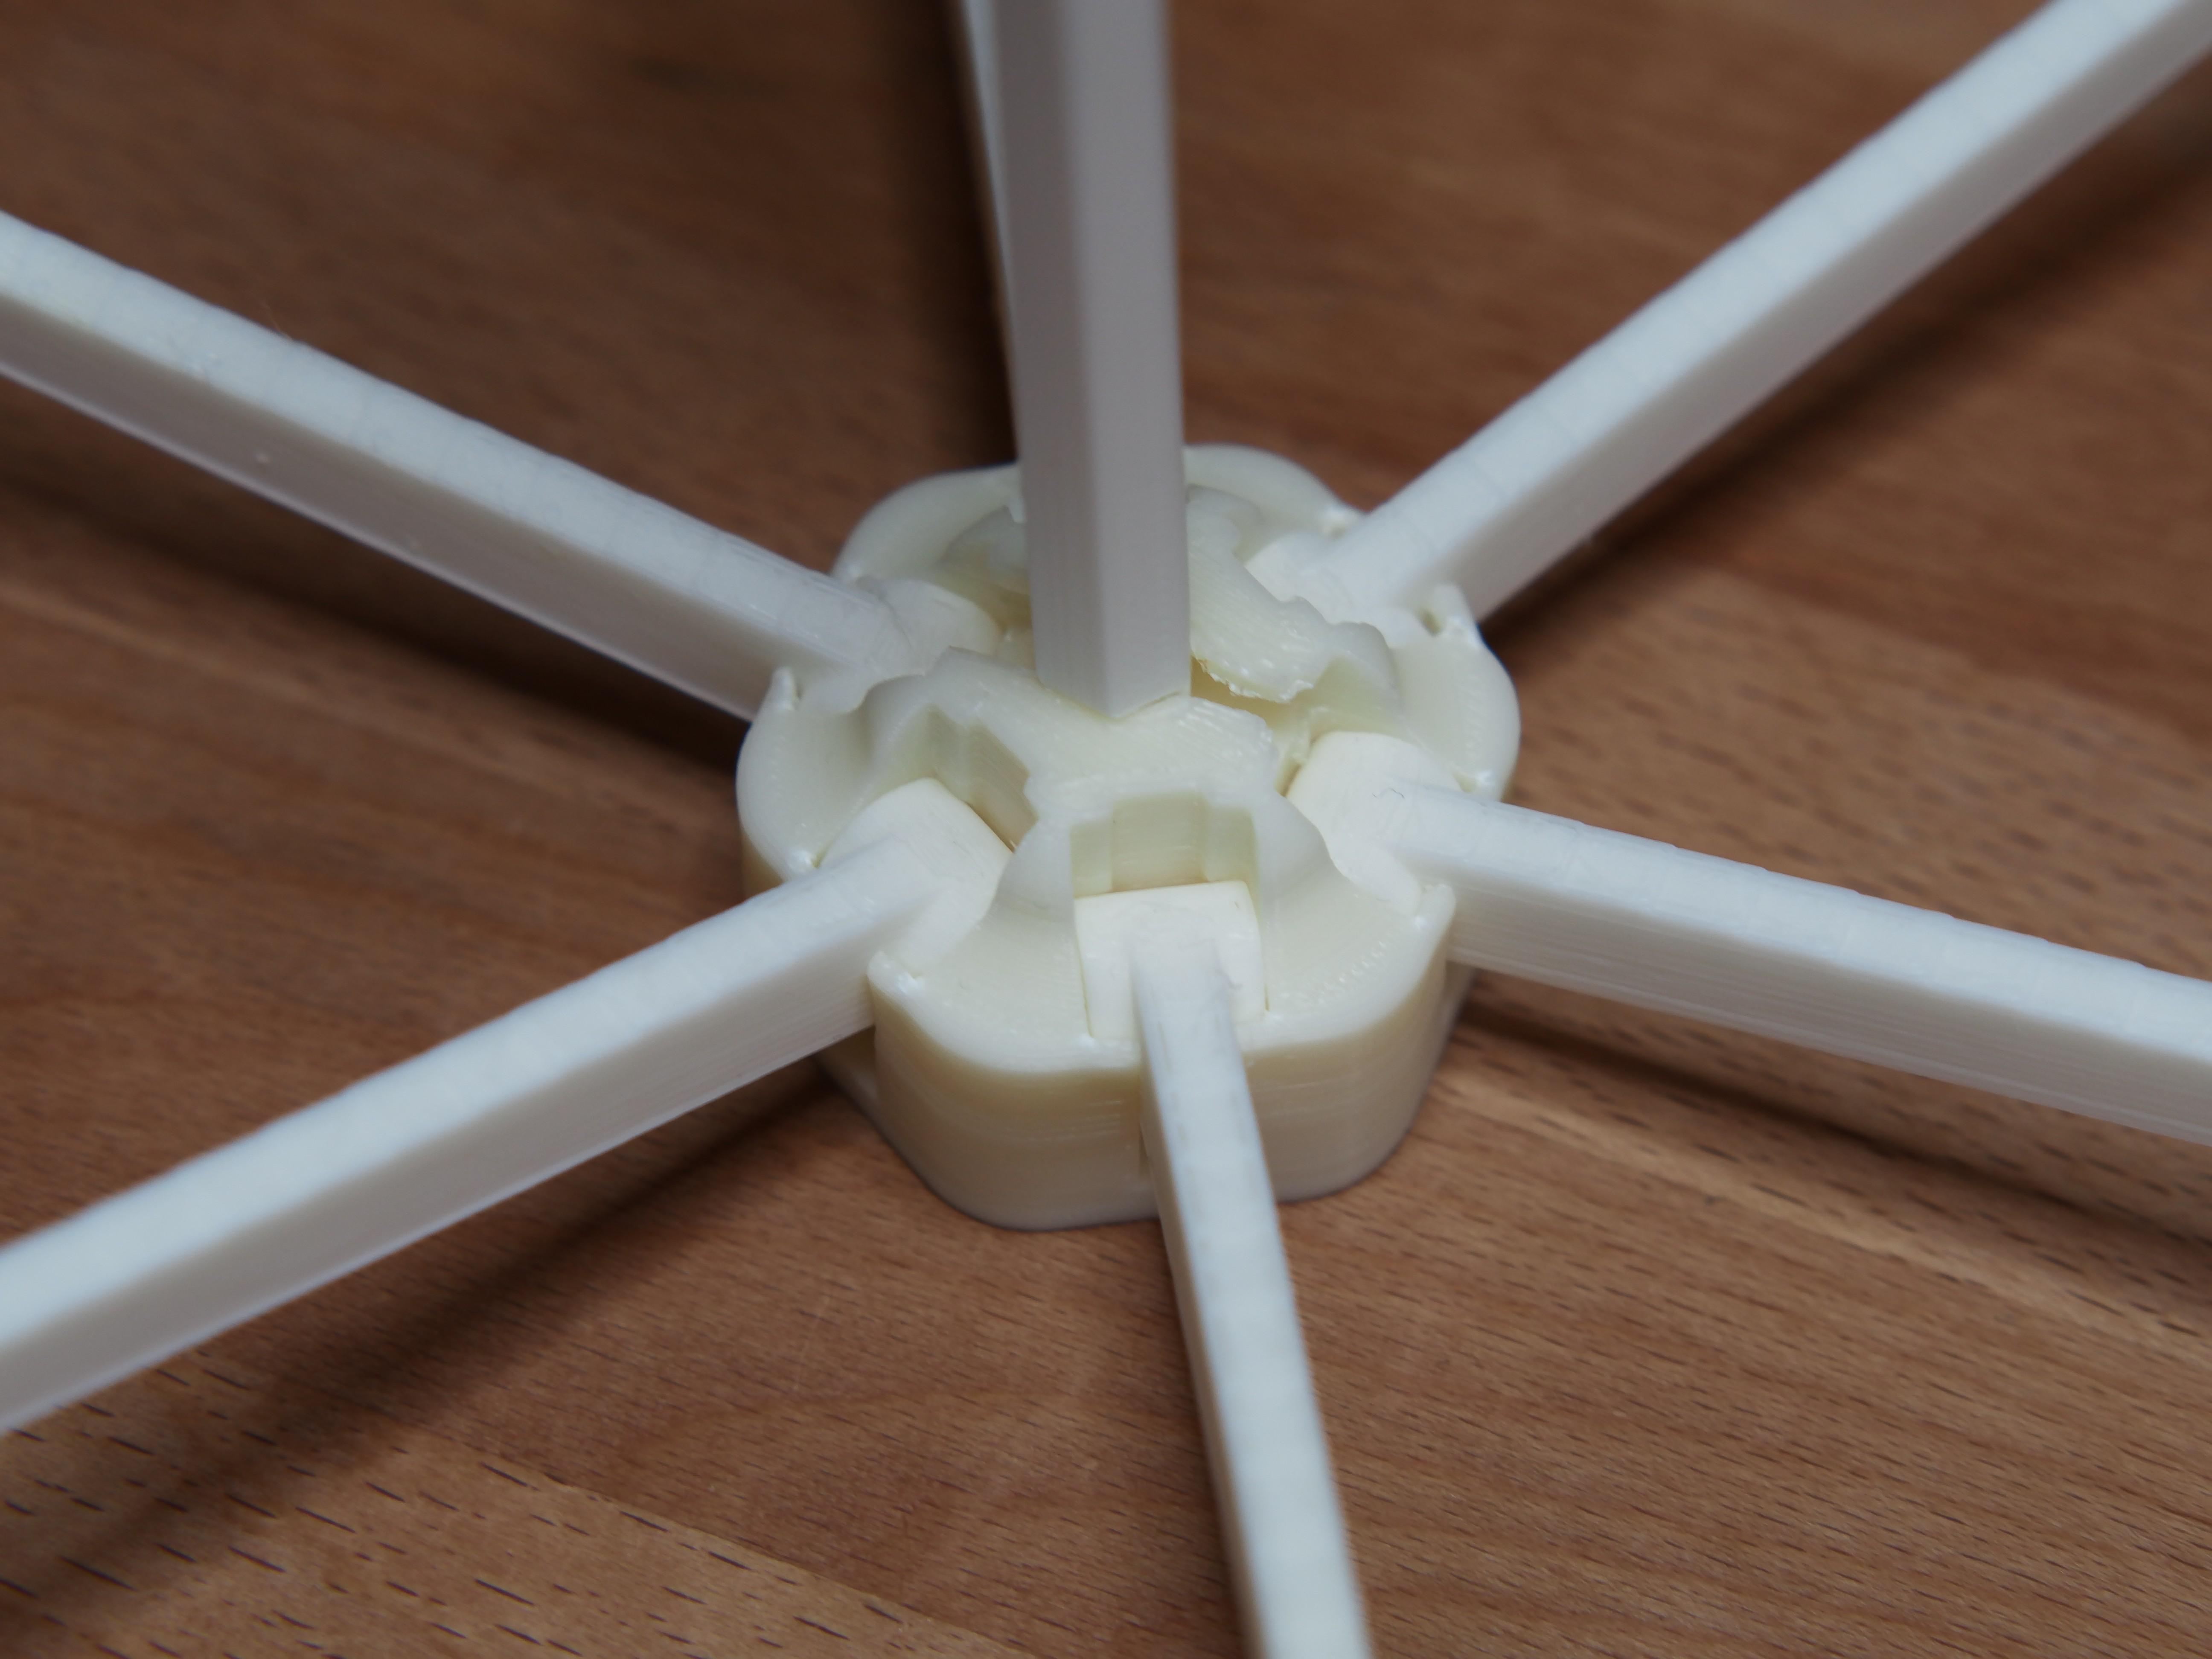 P3100441.JPG Télécharger fichier STL gratuit Séchoir pliant pour pâtes fraîches maison / Lasagnes / Tagliatele • Objet à imprimer en 3D, kumekay